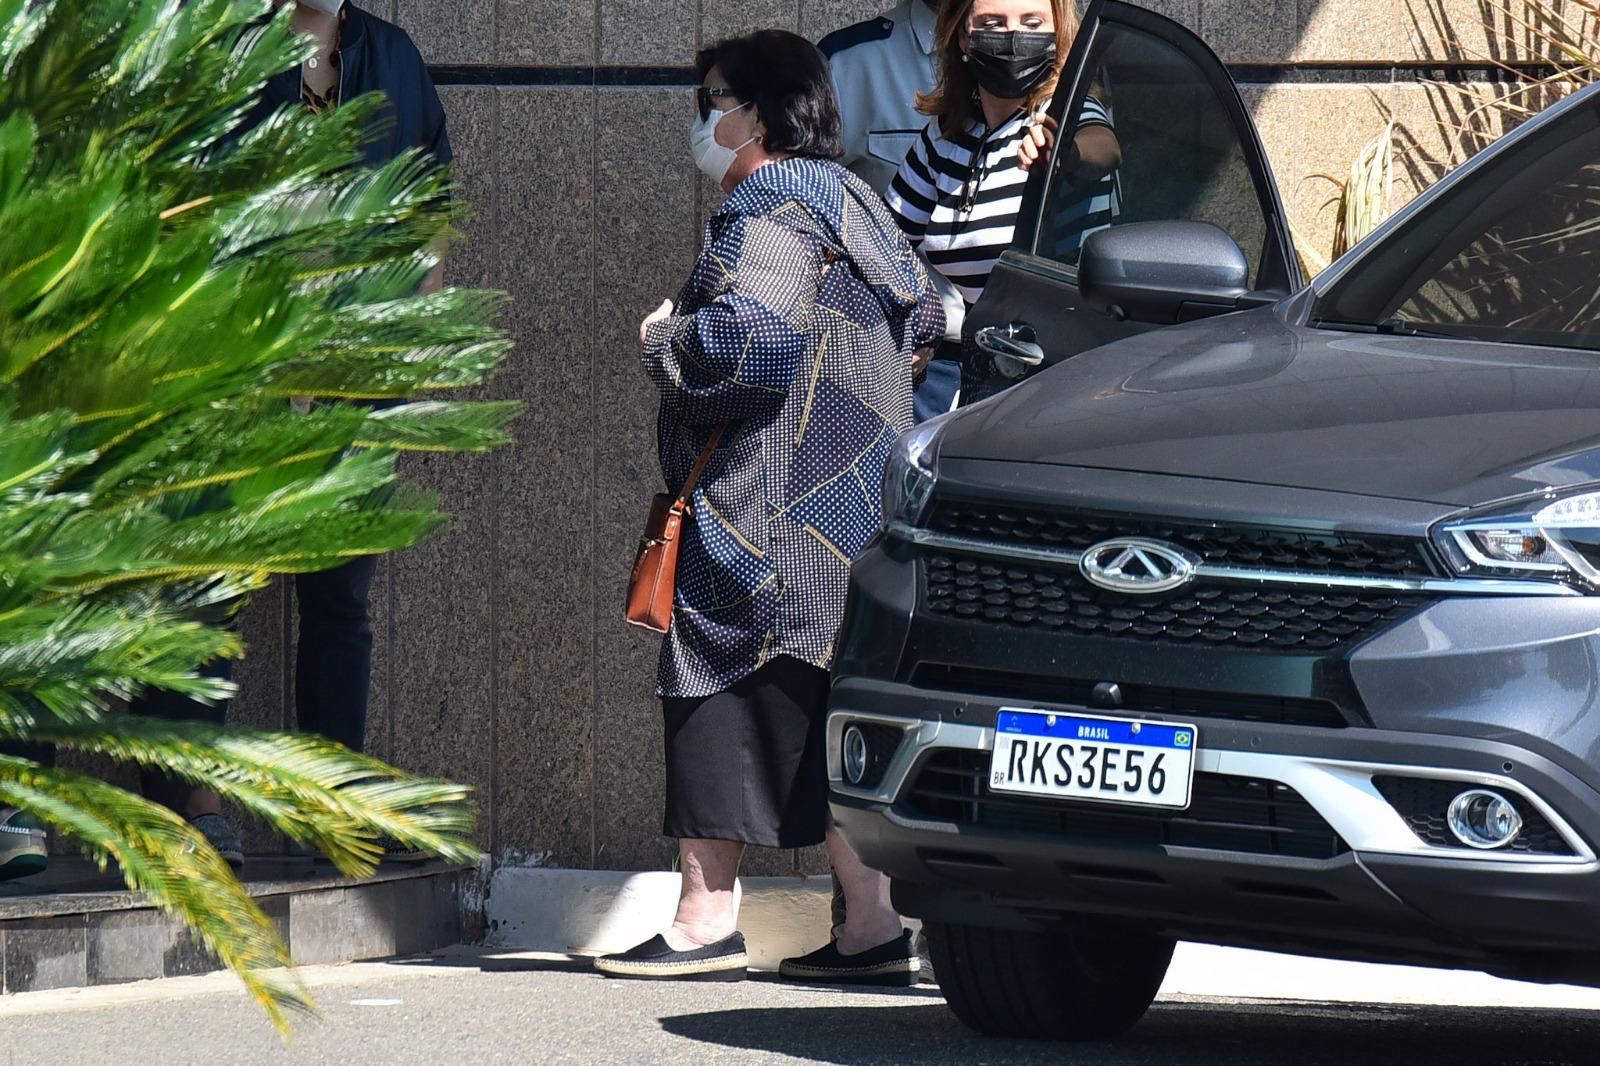 Déa Lúcia chegou na cerimônia de despedida do filho (Foto: AgNews)